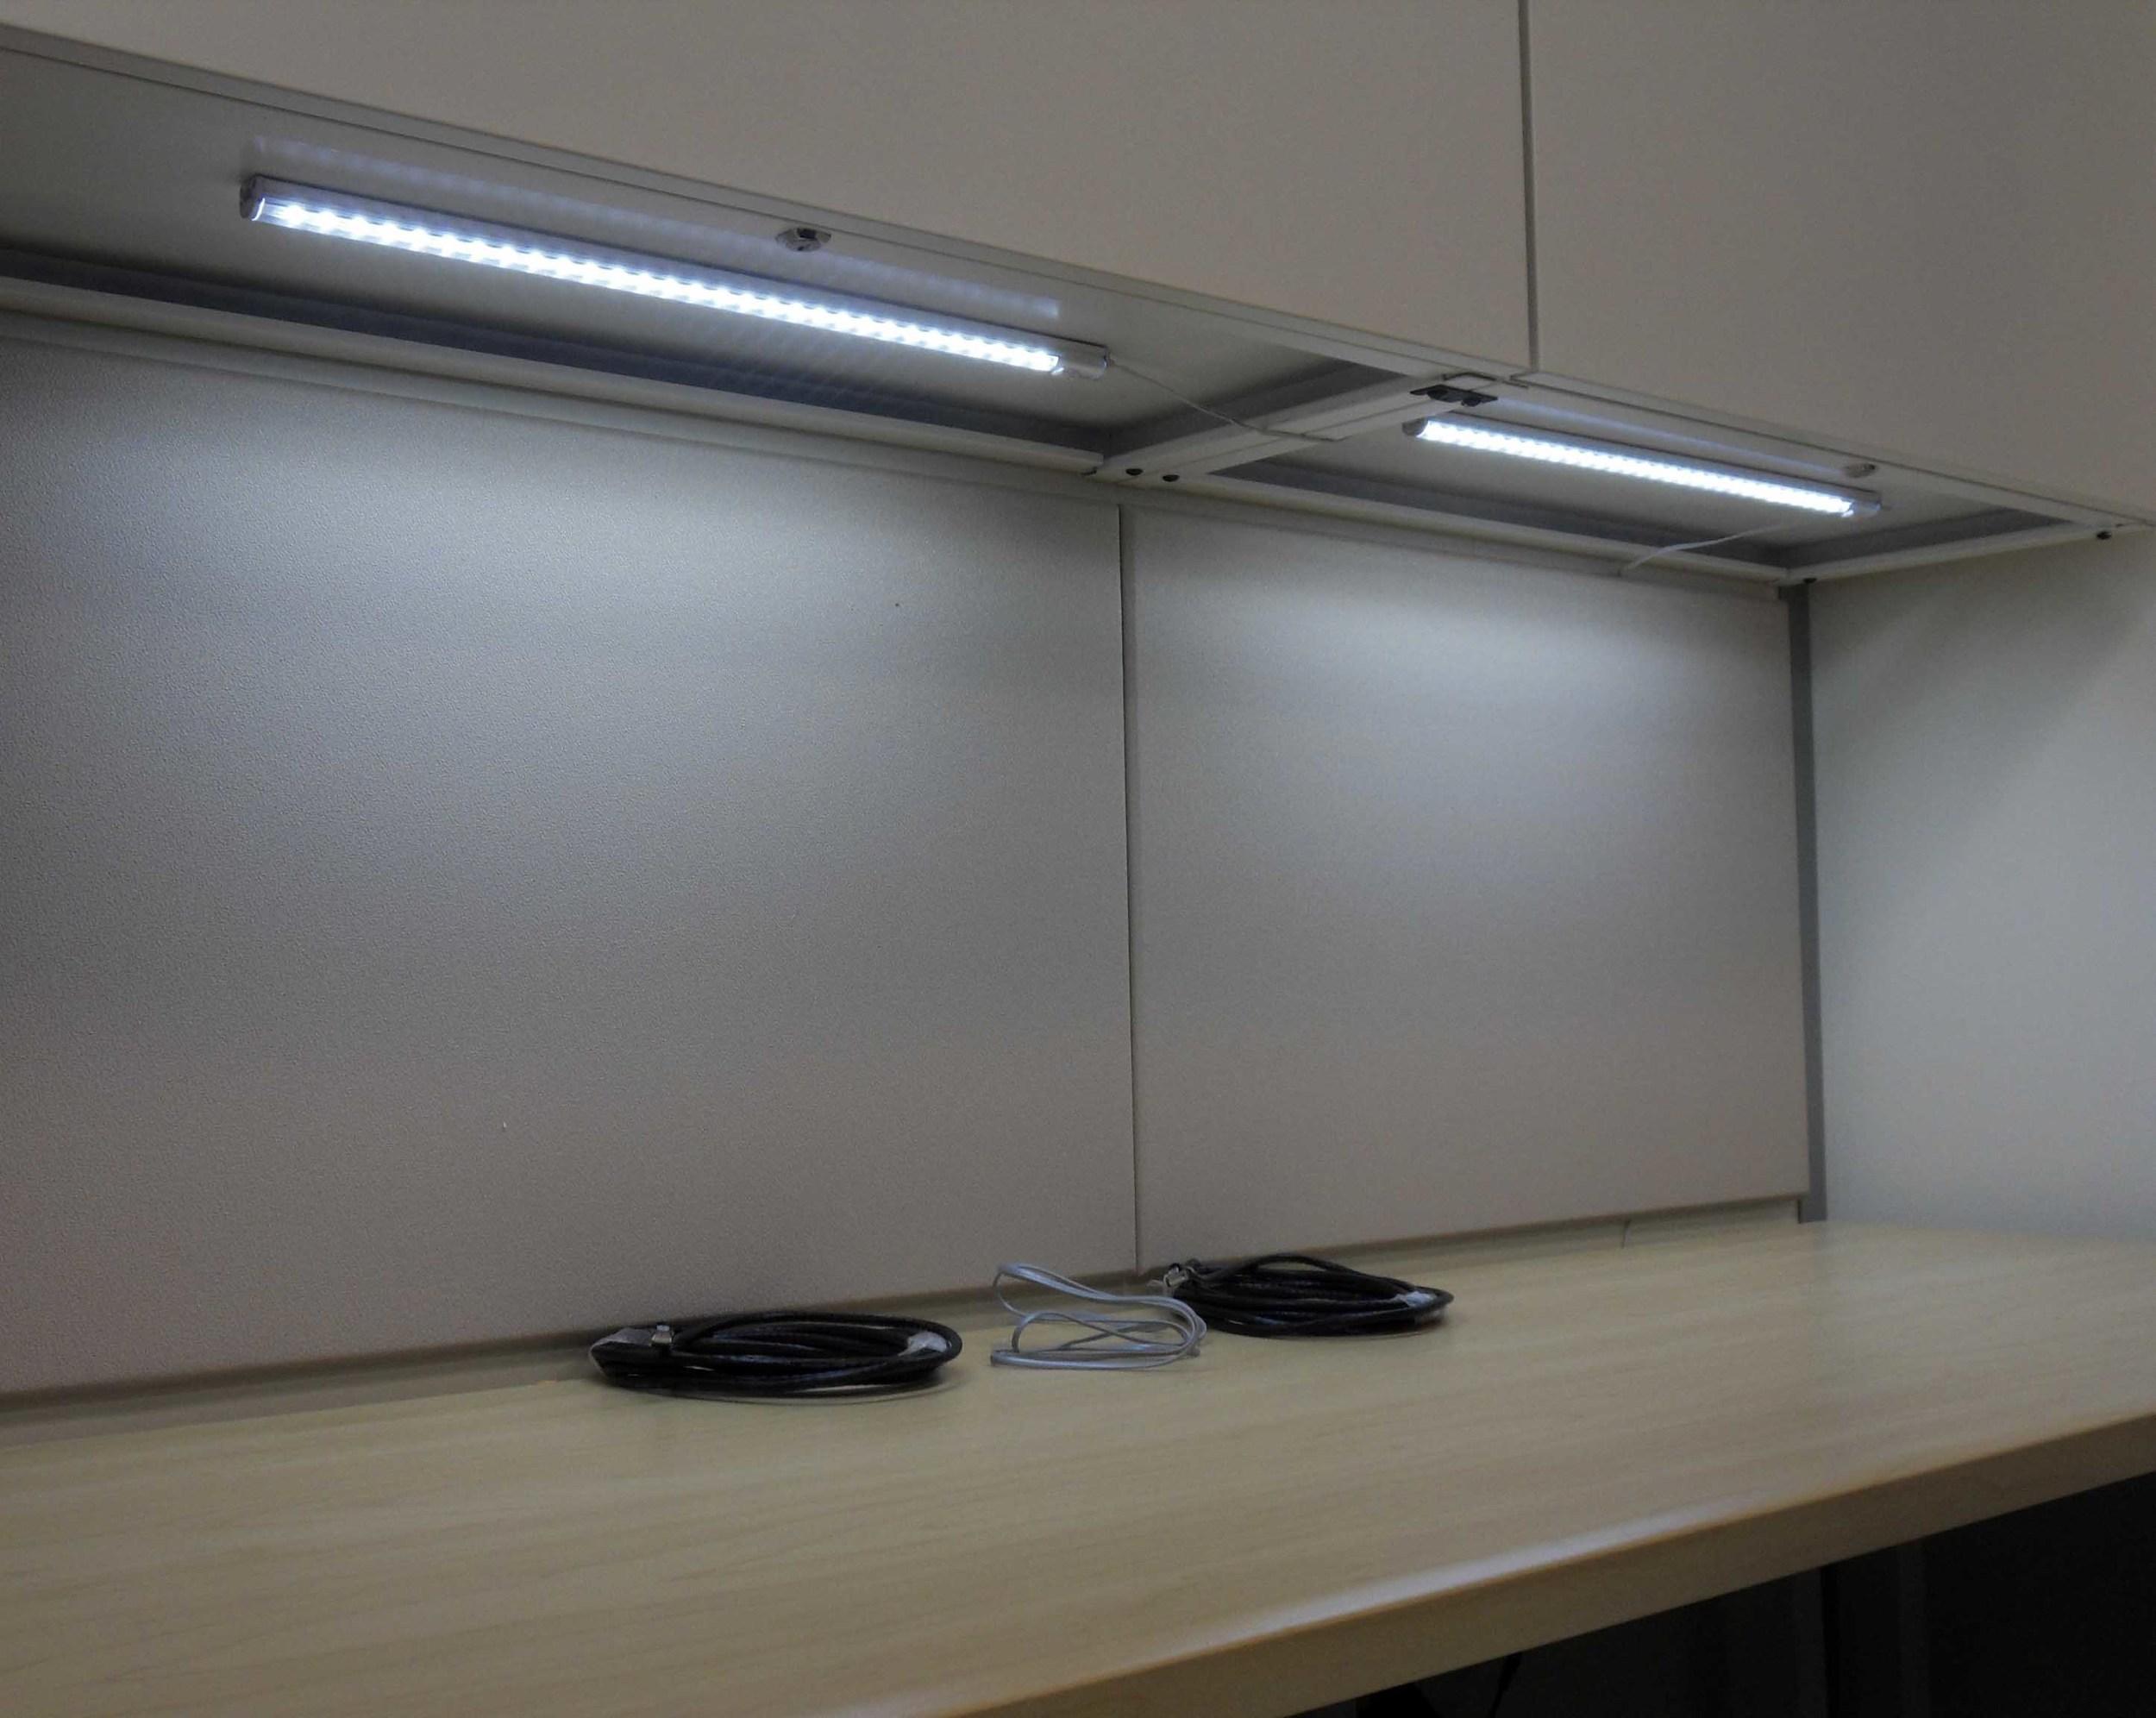 Workstation_LED_Undercabinet3.jpg